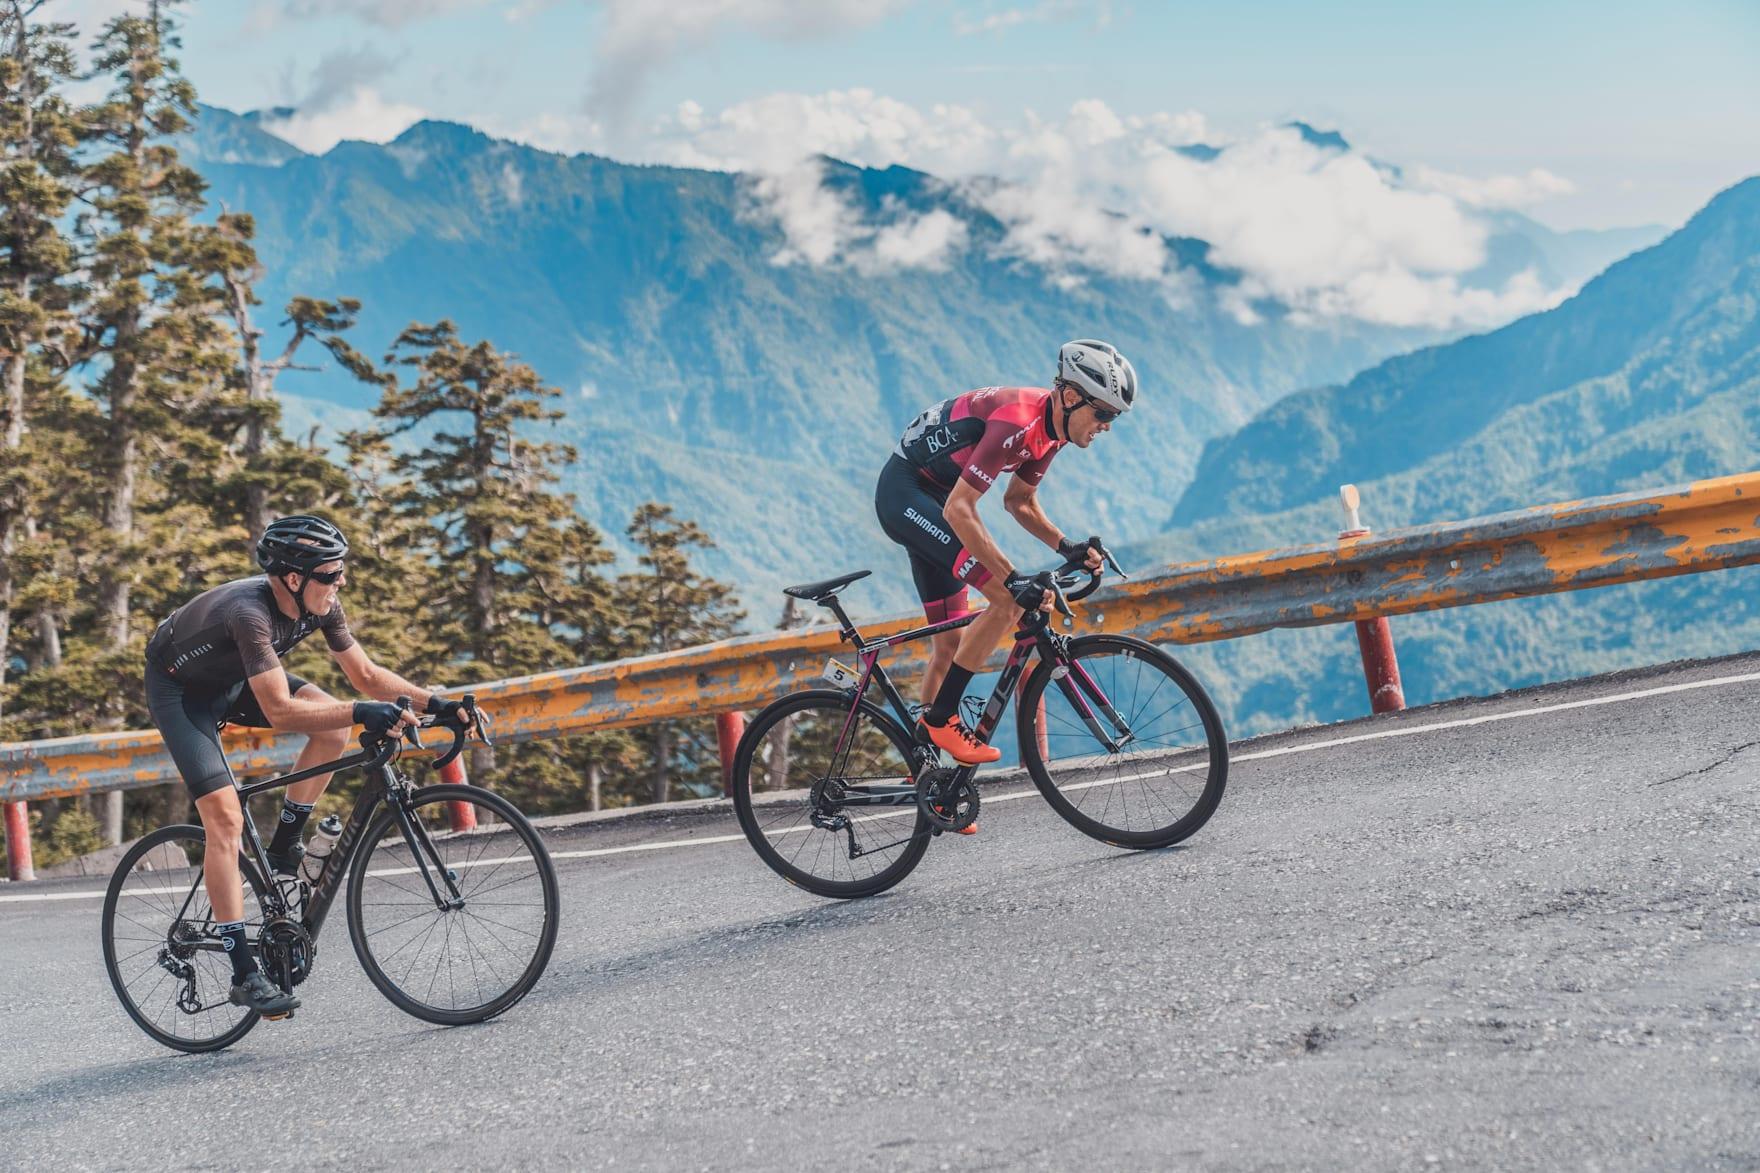 Zwei Radfahrer beim Aufstieg des taiwanesischen Königs der Berge.